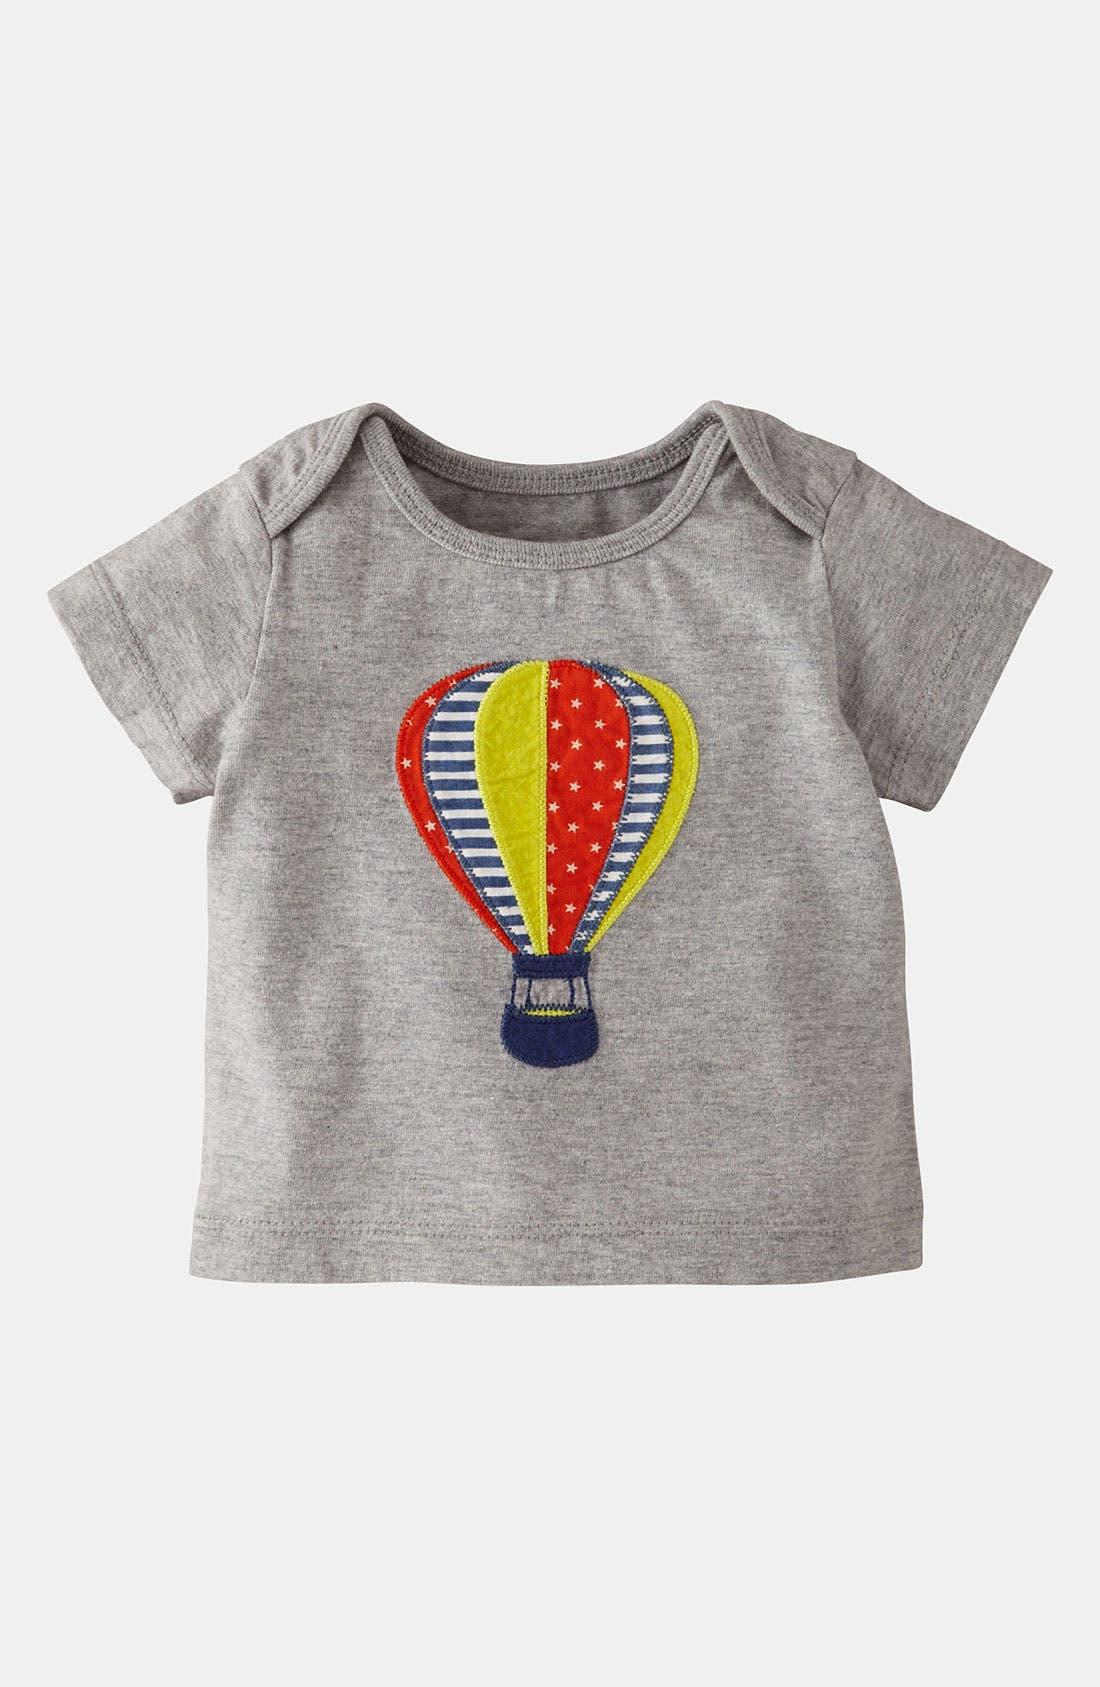 Main Image - Mini Boden 'Vehicle Appliqué' T-Shirt (Baby)